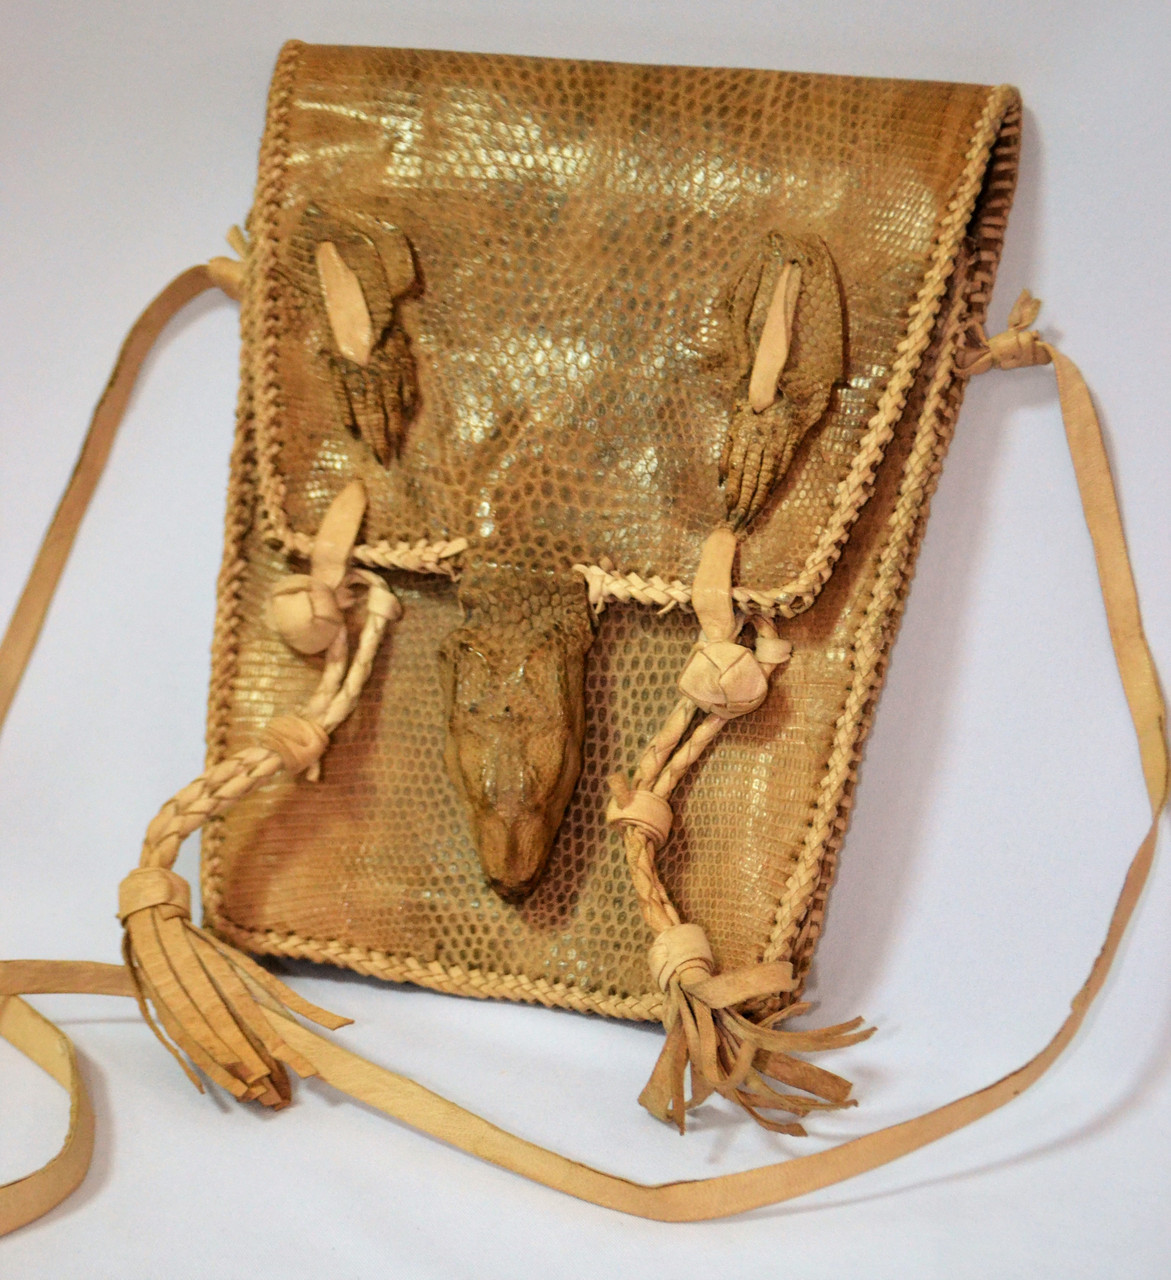 181435bc2a58 Кожаная сумка в подарок из варана для женщин и девушек - ГОРОД МАСТЕРОВ  hand-made